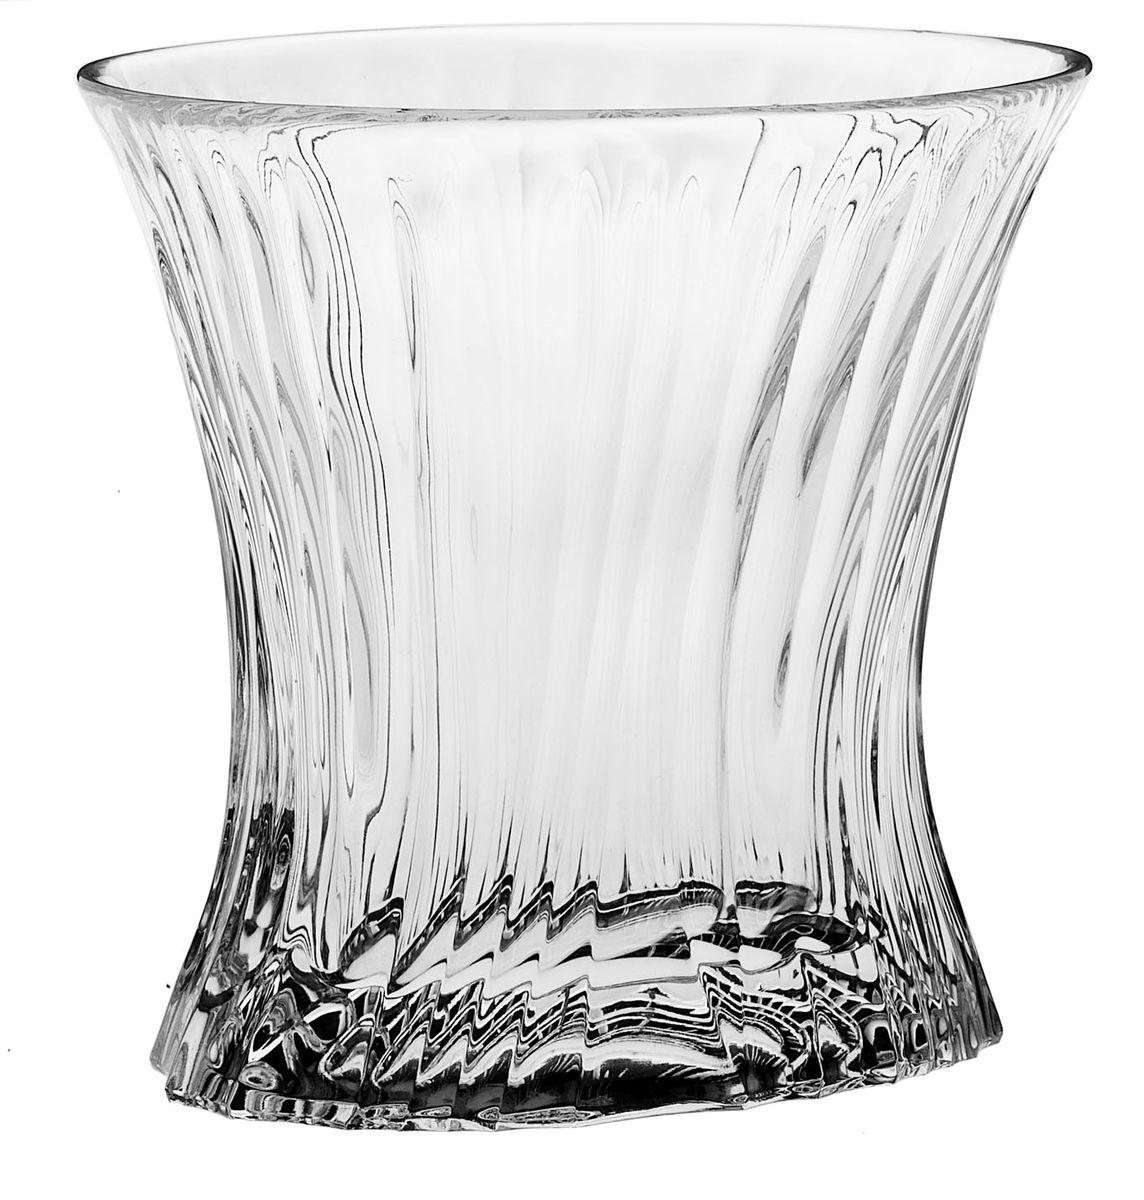 Набор стаканов Crystal Bohemia, 250 мл, 6 шт. 990/21205/0/05101/250-609VT-1520(SR)Набор Crystal Bohemia состоит из шести стаканов. Изделия выполнены из хрусталя. Предметы набора имеют прозрачную поверхность и декорированы рельефом. Они излучают приятный блеск и издают мелодичный звон.Набор Crystal Bohemia прекрасно оформит интерьер кабинета или гостиной и станет отличным дополнением бара. Такой набор также станет хорошим подарком к любому случаю. Диаметр стакана (по верхнему краю): 10 см. Высота стакана: 9,5 см. Размер дна стакана: 8,5 см х 6 см.